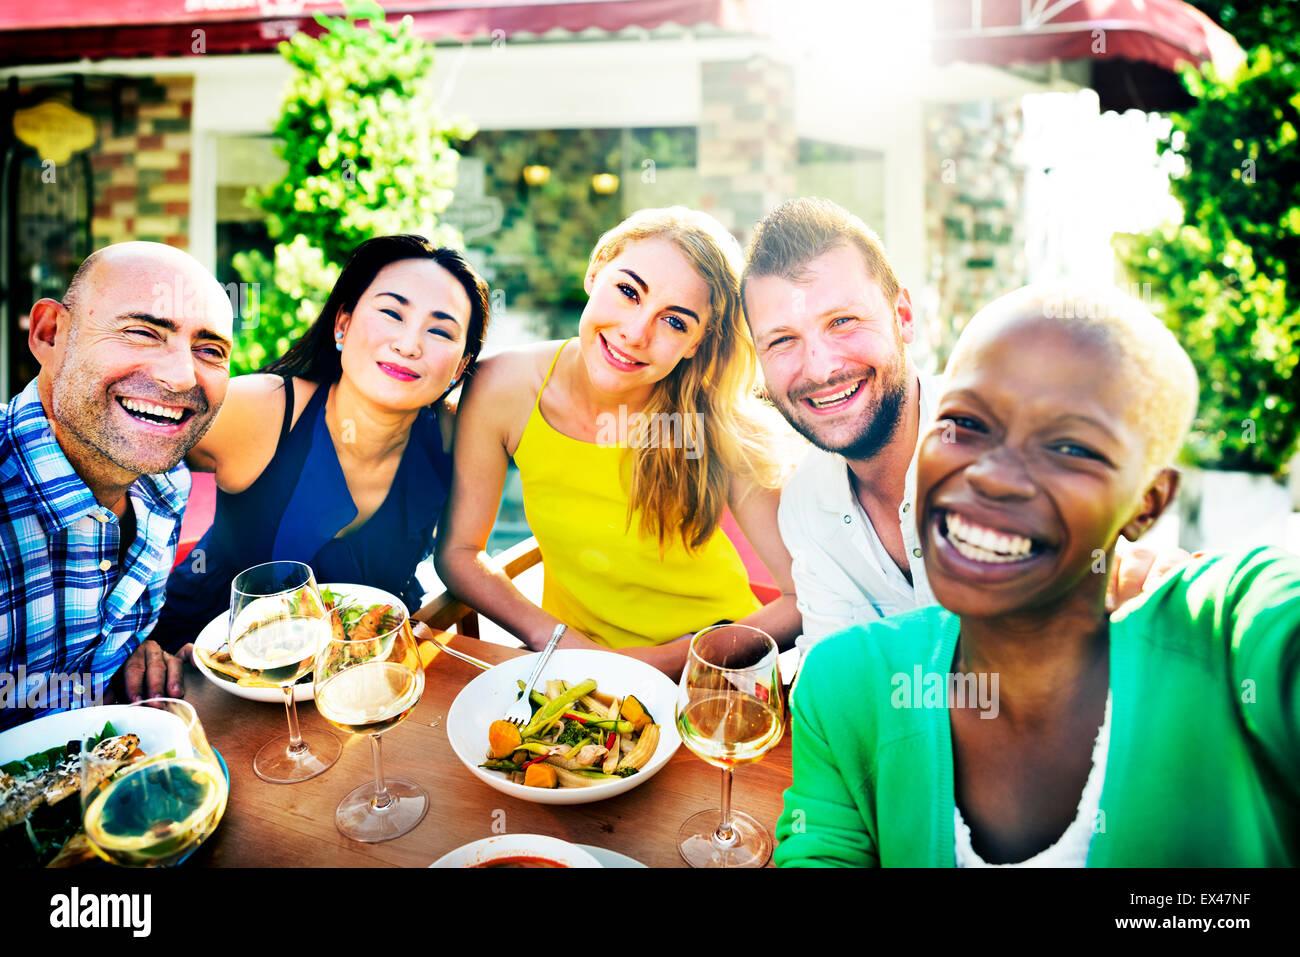 Partypeople Freundschaft miteinander Glück Konzept Stockbild